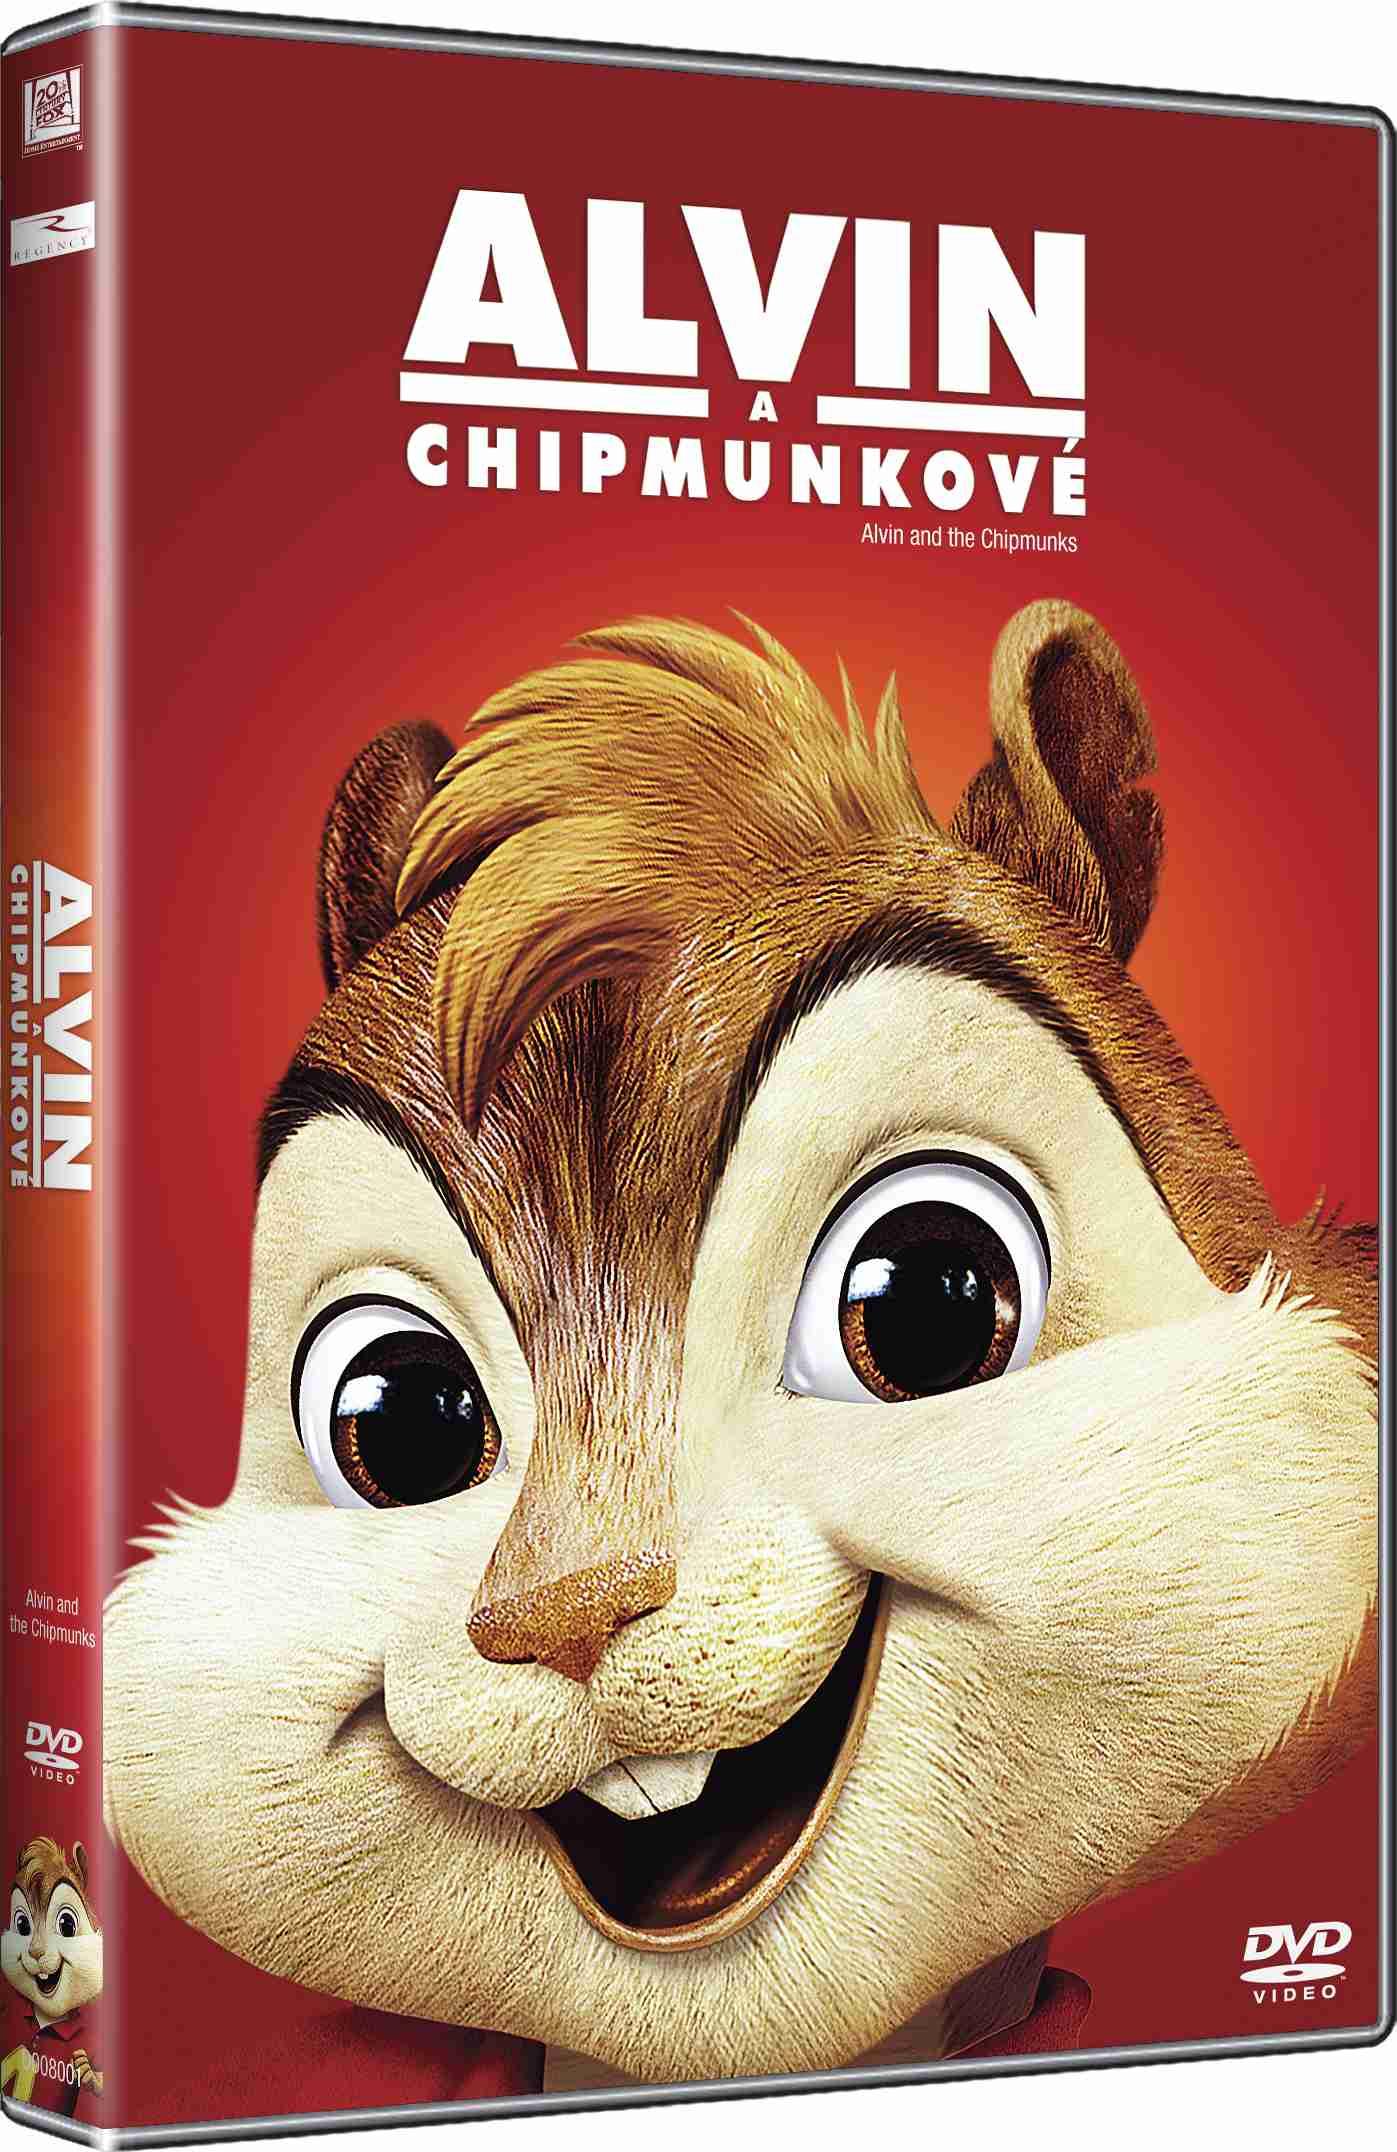 ALVIN A CHIPMUNKOVÉ (Big Face) - DVD